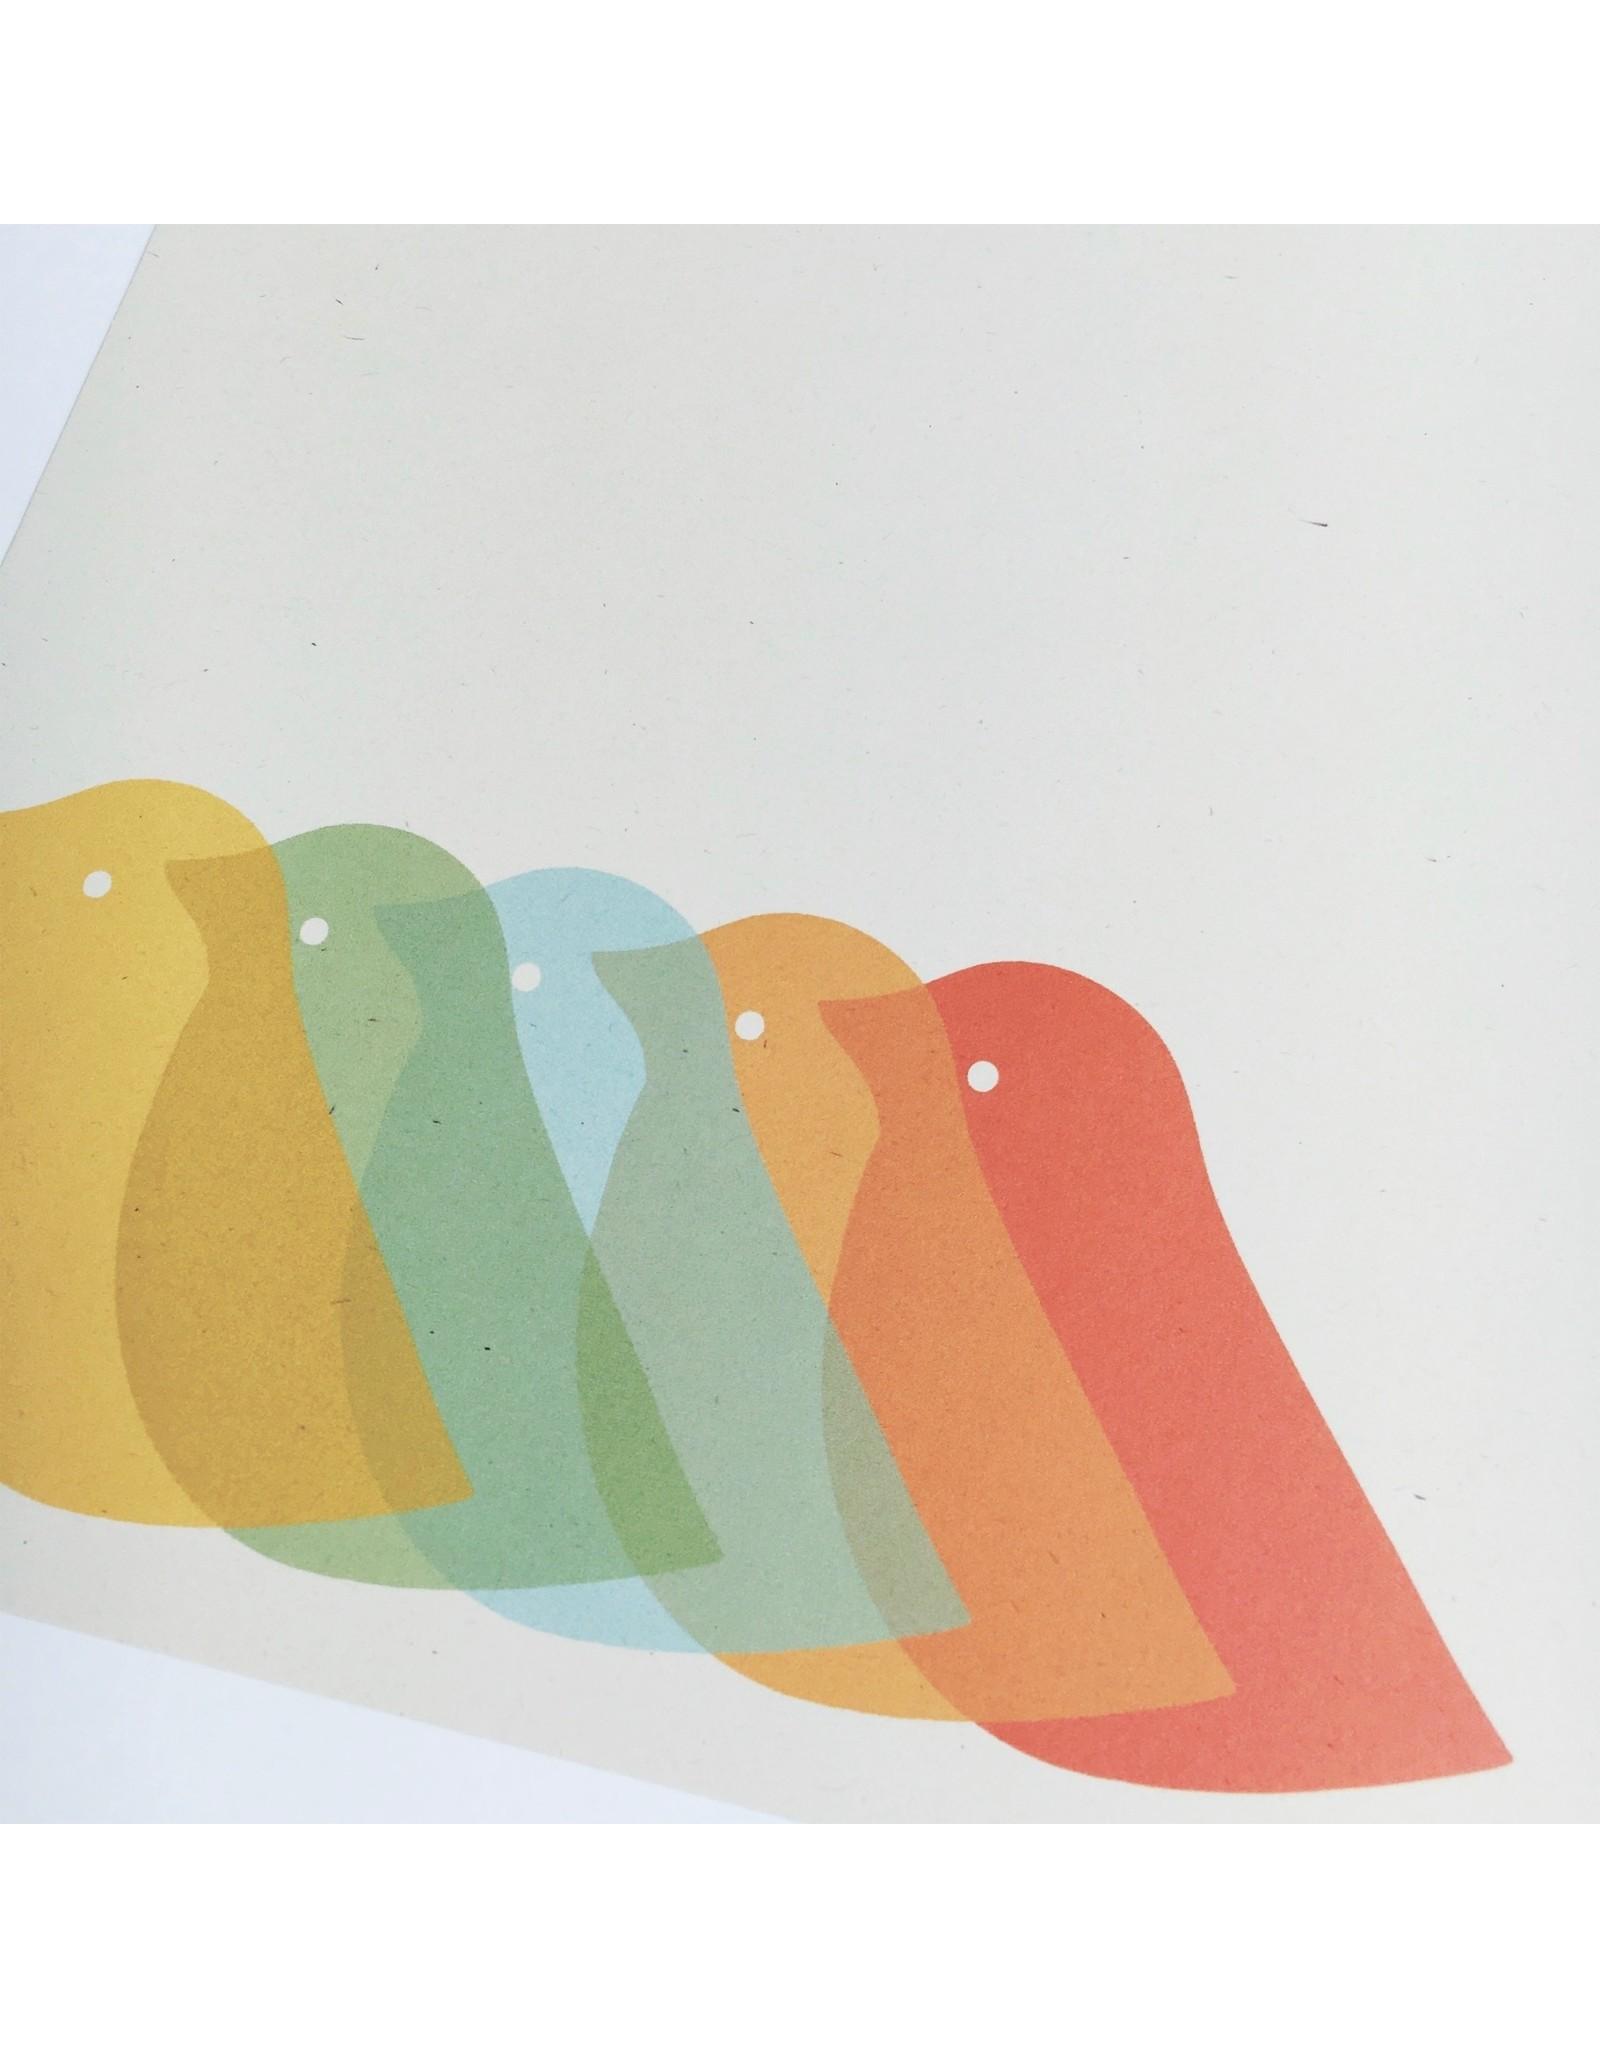 Birdie A4 Digital Print